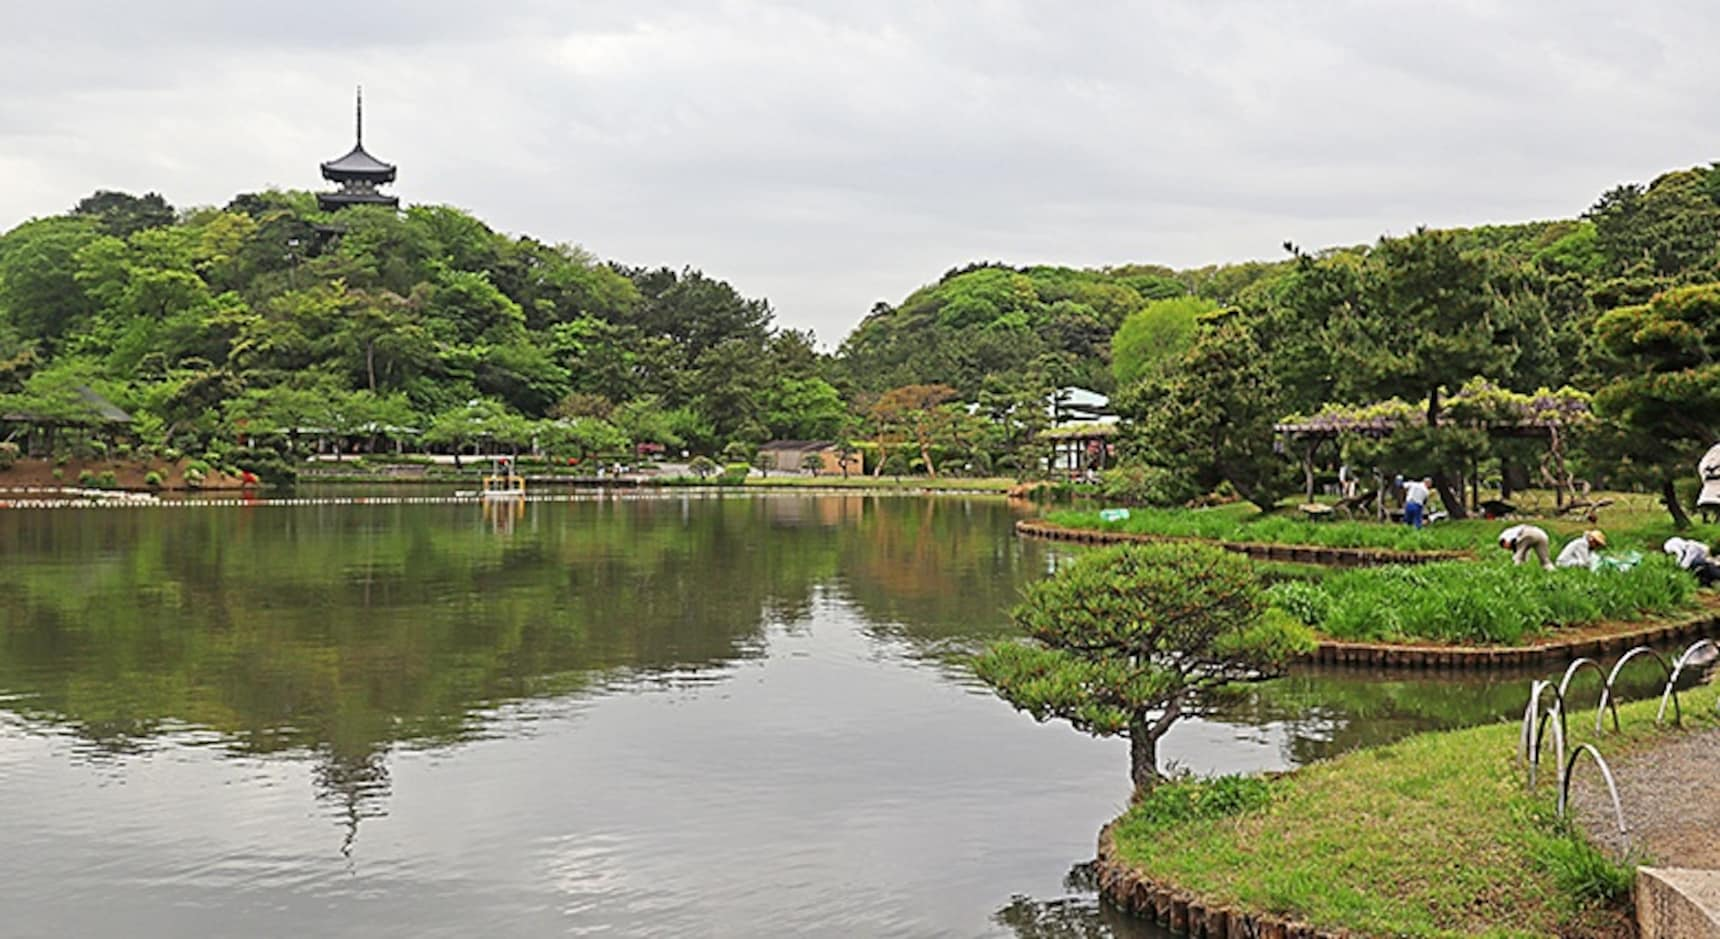 """ชมบ้านโบราณจากทั่วญี่ปุ่นที่ """"ซานเคย์เอ็น"""""""